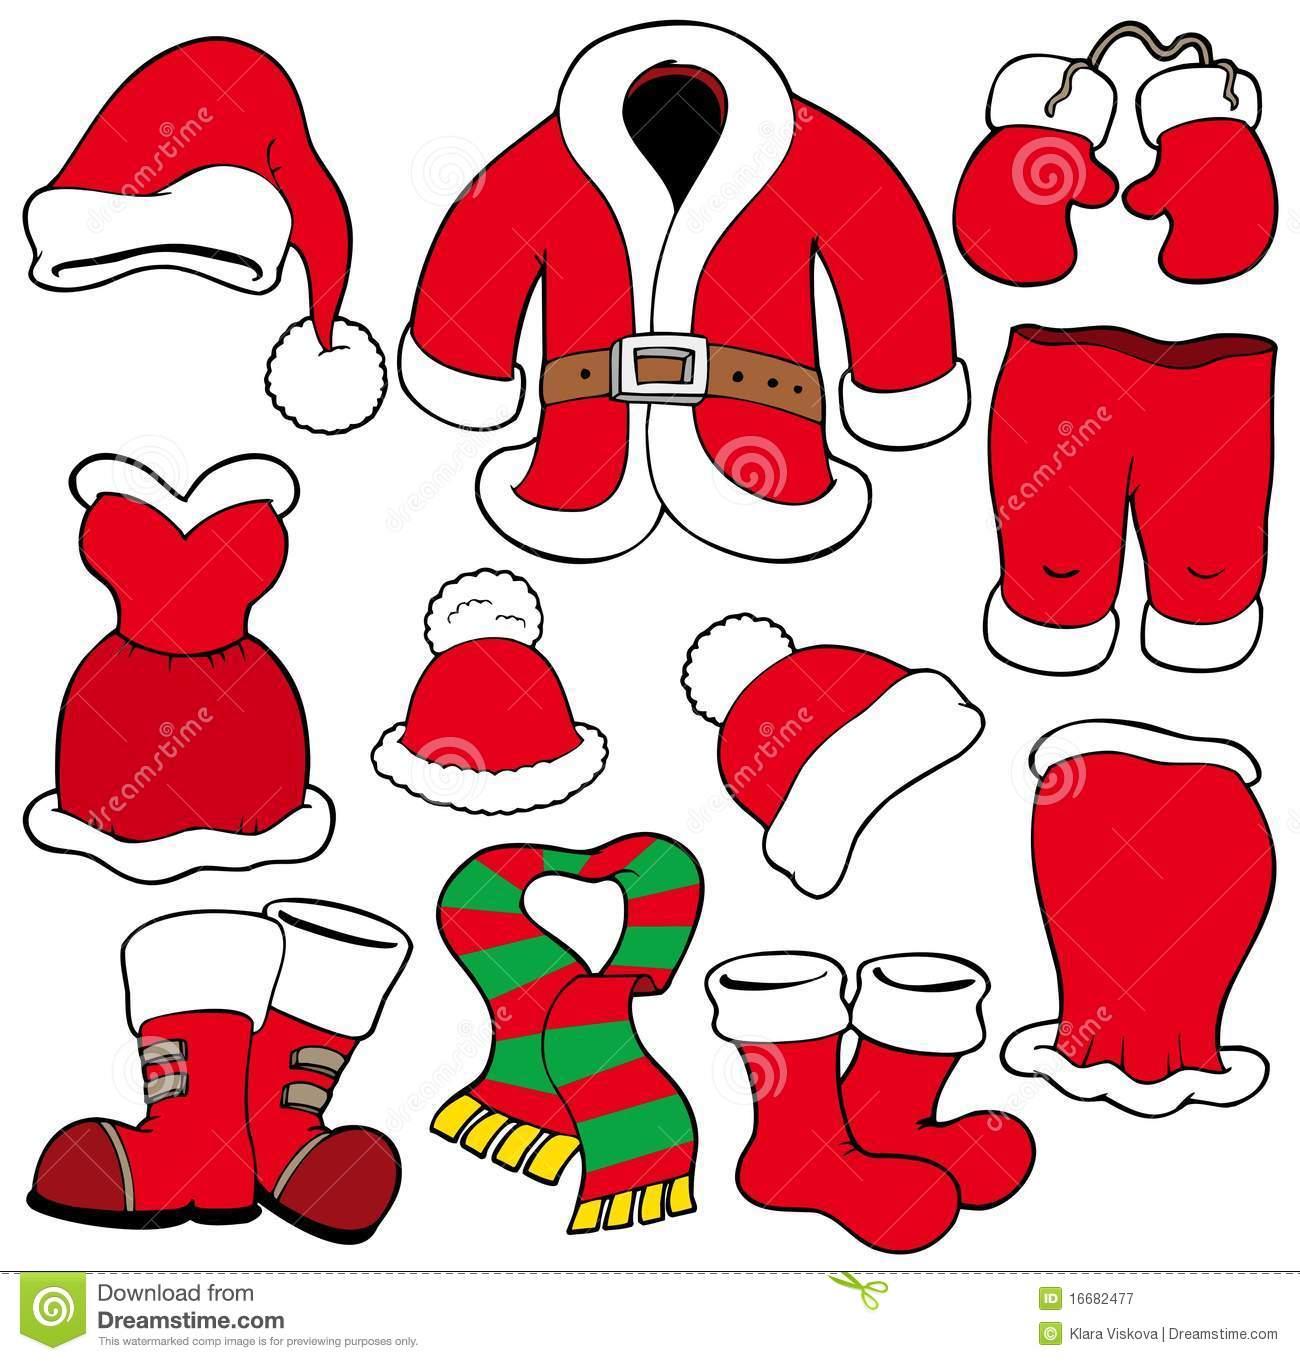 Santa suit clipart 1 » Clipart Station.